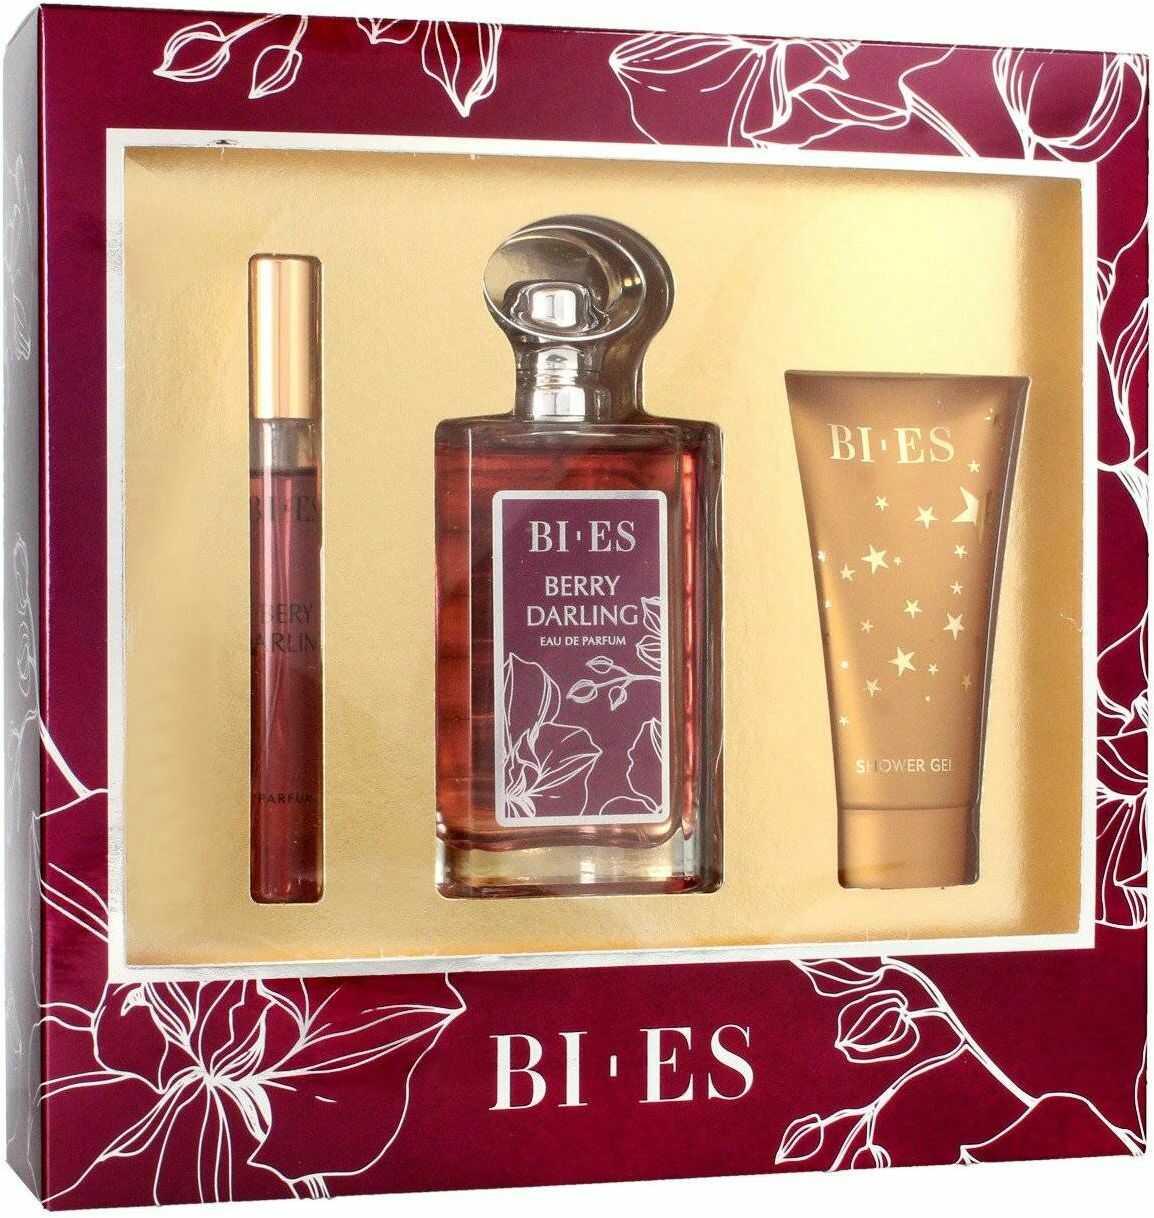 Bi-es Berry Darling Komplet (woda perfumowana 100ml+parfum 12ml+żel pod prysznic 50ml)